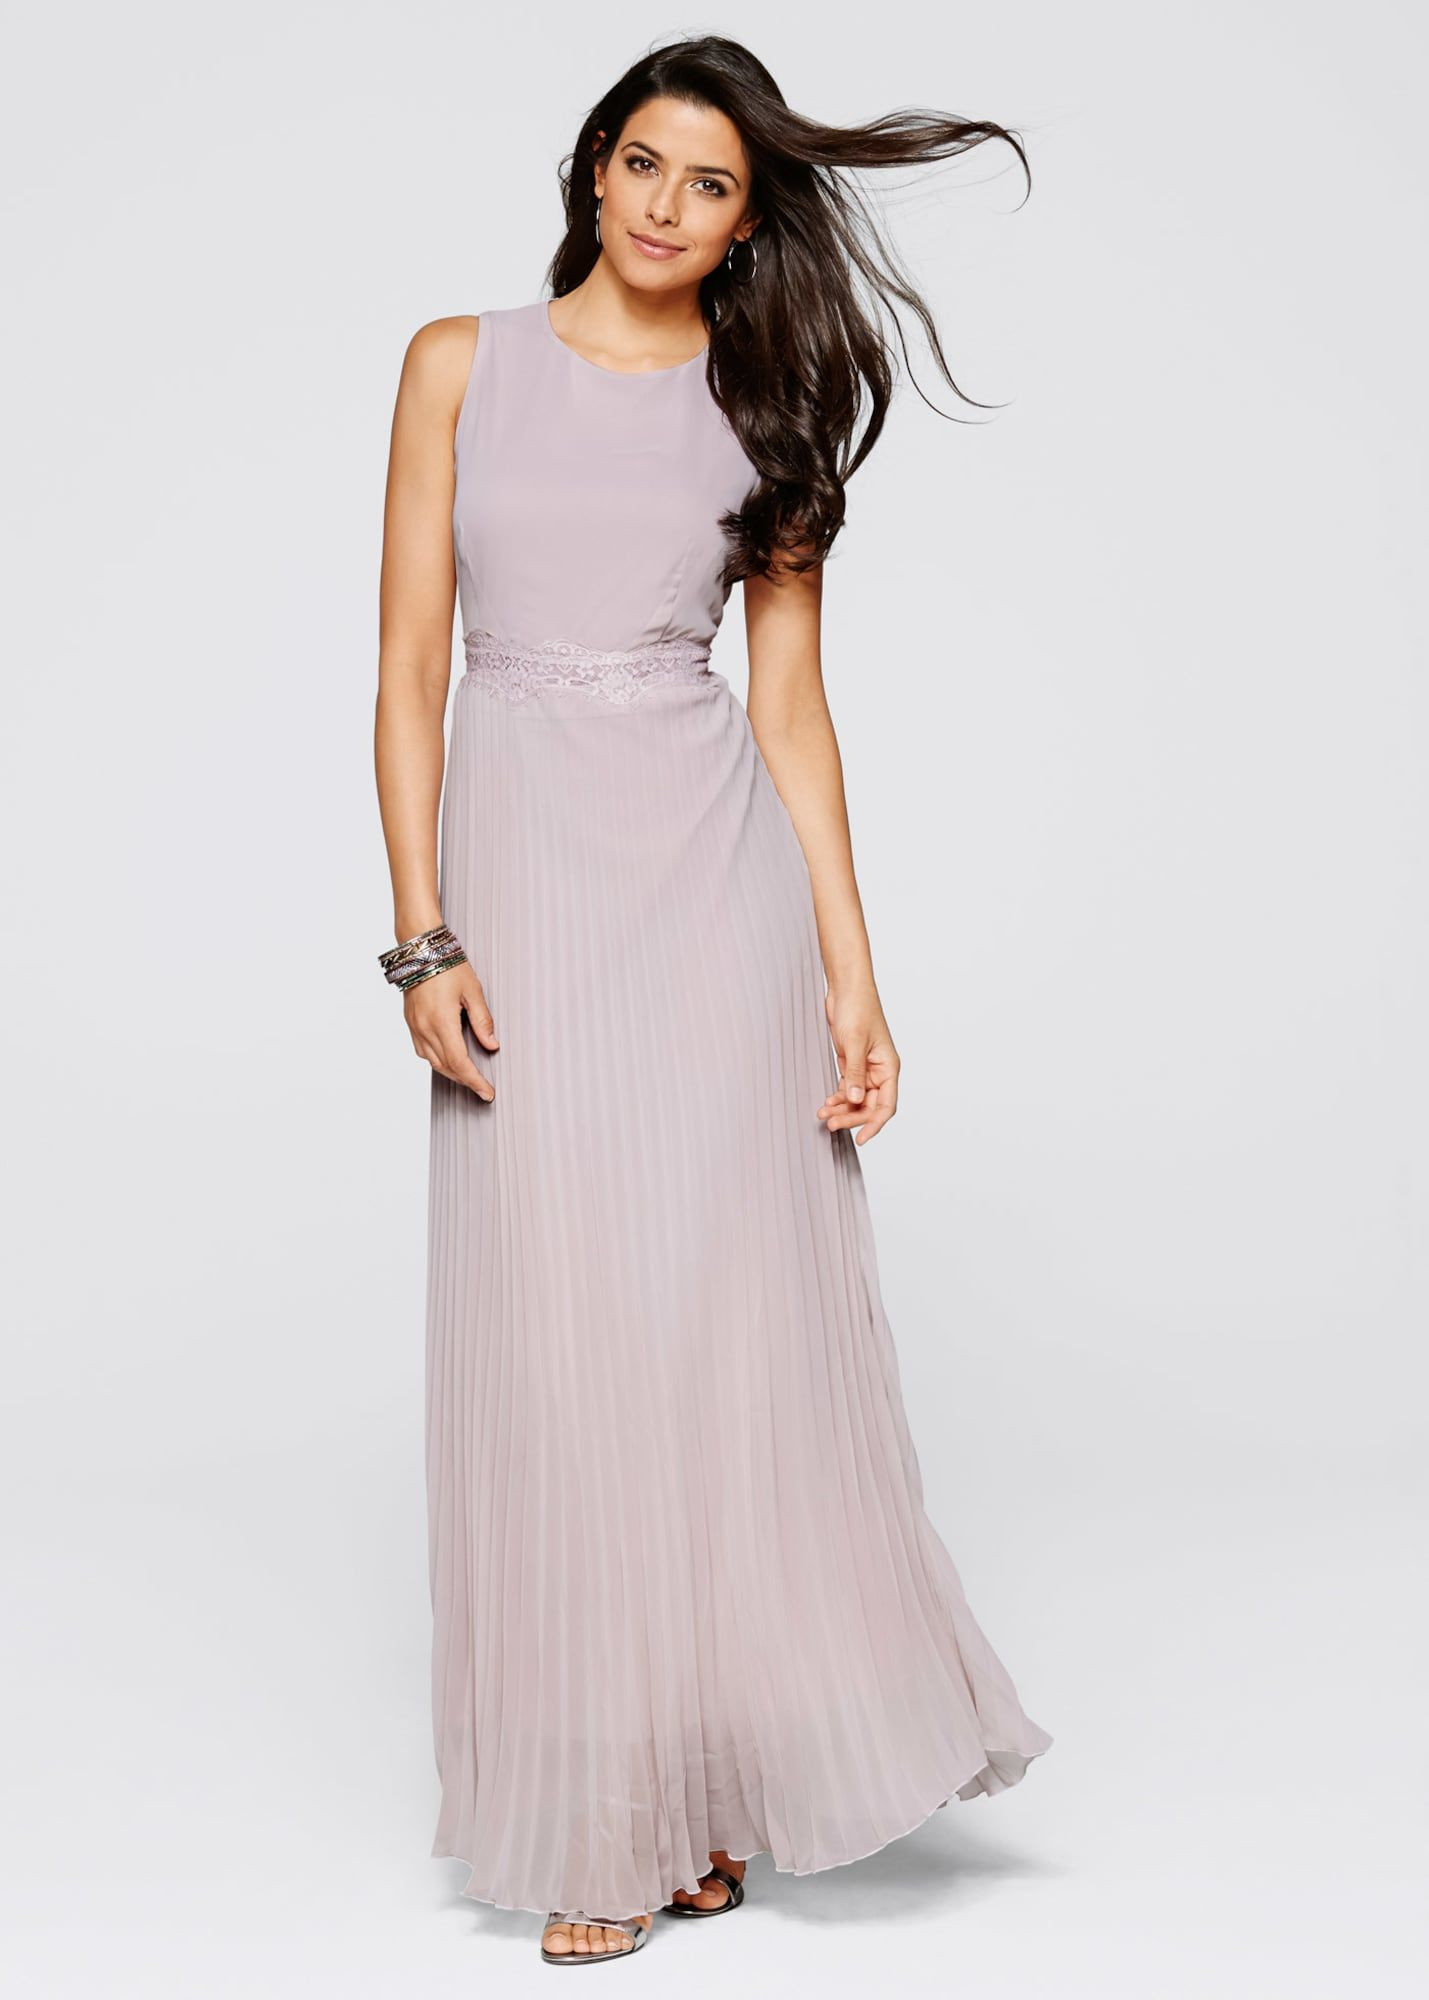 Formal Großartig Kleider Ab Größe 44 Stylish10 Elegant Kleider Ab Größe 44 Ärmel